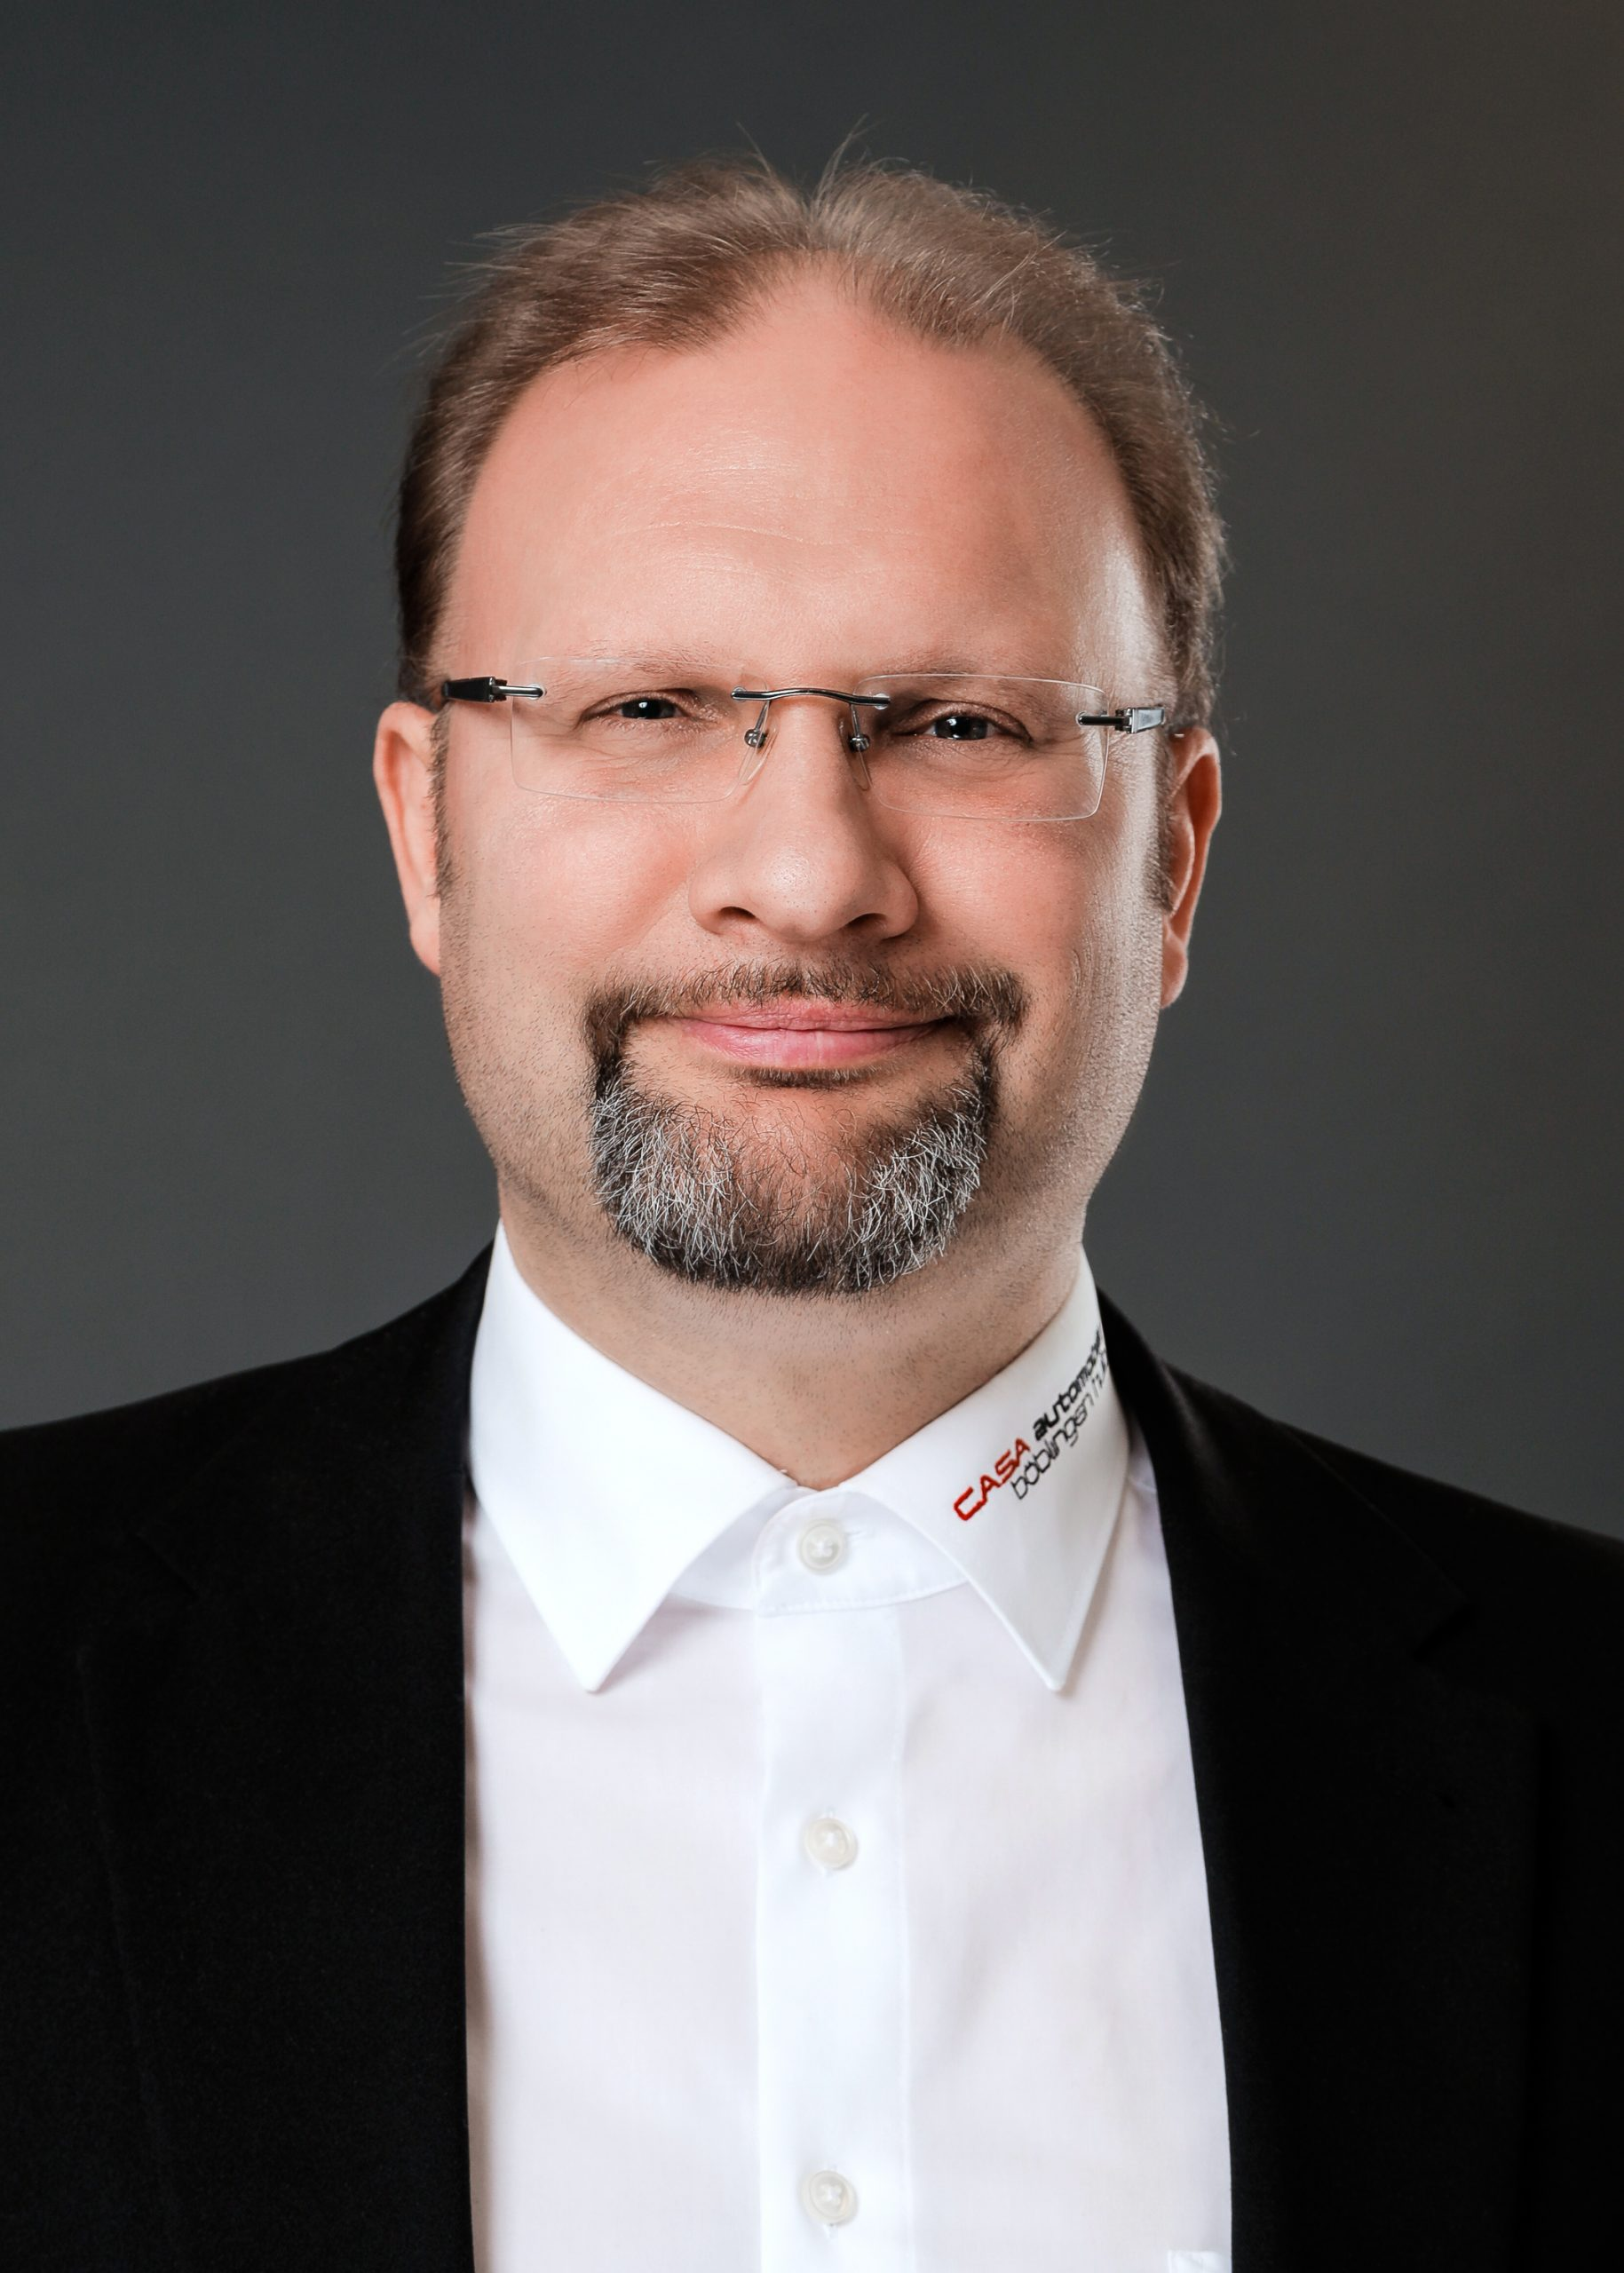 Marc Nellessen